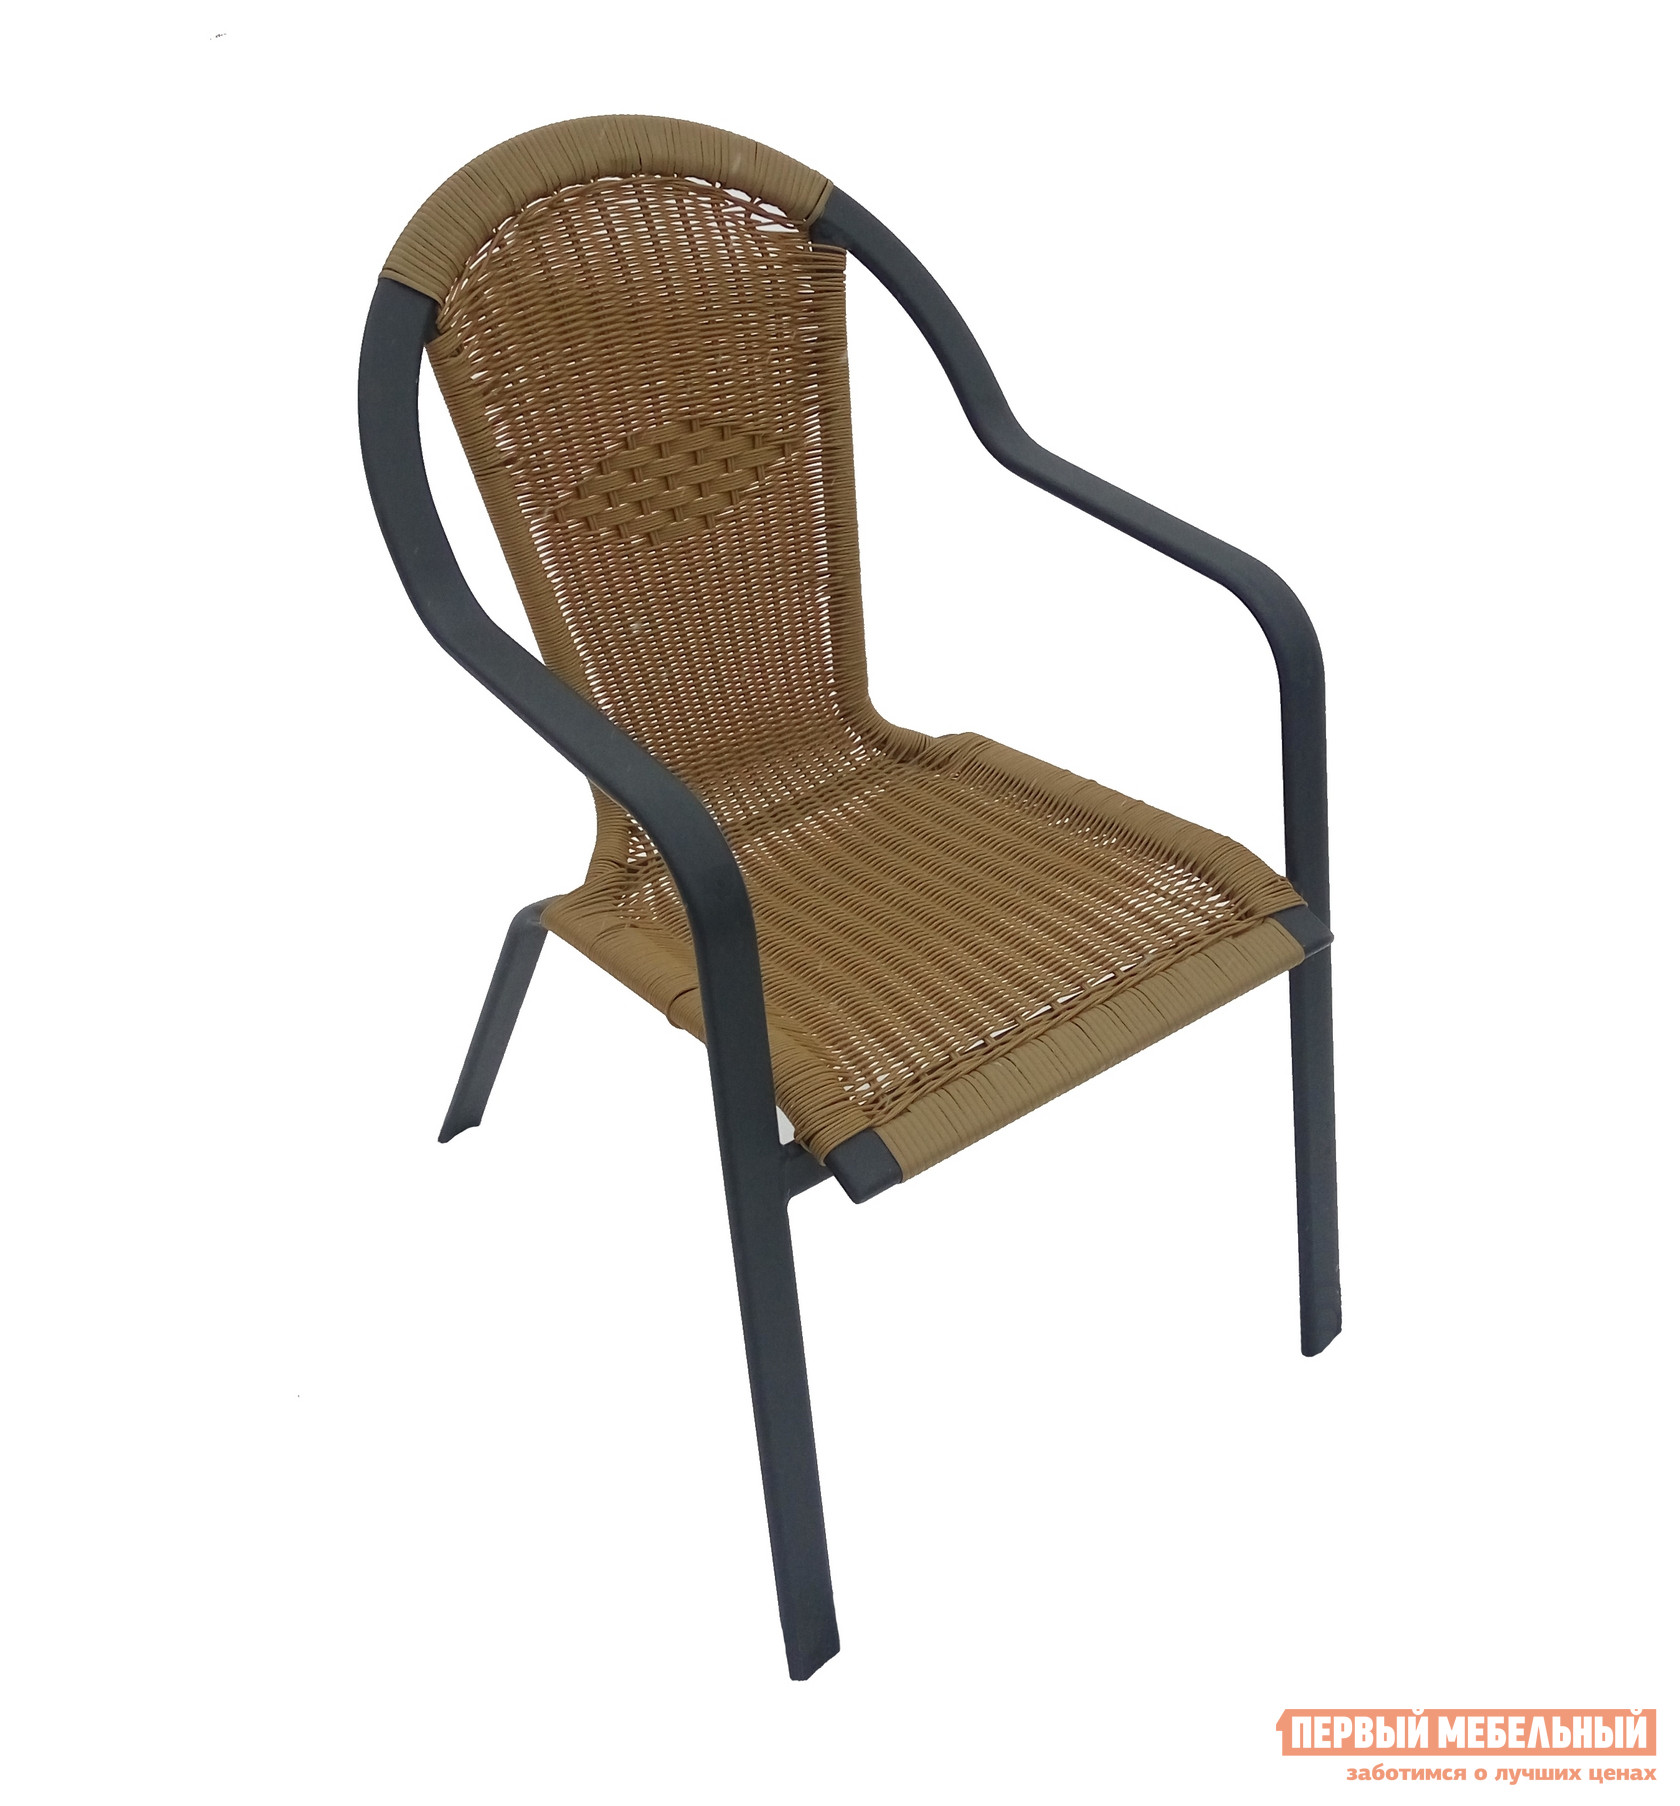 Садовое кресло Дачная Мебель Неаполь Ротанг GKСадовые стулья и кресла<br>Габаритные размеры ВхШхГ 880x580x680 мм. Легкое, удобное и стильное плетеное кресло Неаполь поможет вам создать уголок отдыха на даче или в саду.  У него высокая спинка и комфортные подлокотники. Модель можно свободно использовать на свежем воздухе, не опасаясь воздействий атмосферных явлений.  Ведь сплетены сиденье и спинка из искусственного ротанга — влагостойкого материала за которым легко ухаживать. Обратите внимание, что оттенок ротанга может отличаться от изображения. Каркас модели алюминиевый, размер трубы — 42х14 мм.  Поверхность покрыта полимерным составом, который убережет её от ржавчины.<br><br>Цвет: Коричневое дерево<br>Высота мм: 880<br>Ширина мм: 580<br>Глубина мм: 680<br>Кол-во упаковок: 1<br>Форма поставки: В собранном виде<br>Срок гарантии: 6 месяцев<br>Тип: Плетеная<br>Материал: Искусственный ротанг<br>Материал: Ротанг<br>С подлокотниками: Да<br>С жестким сиденьем: Да